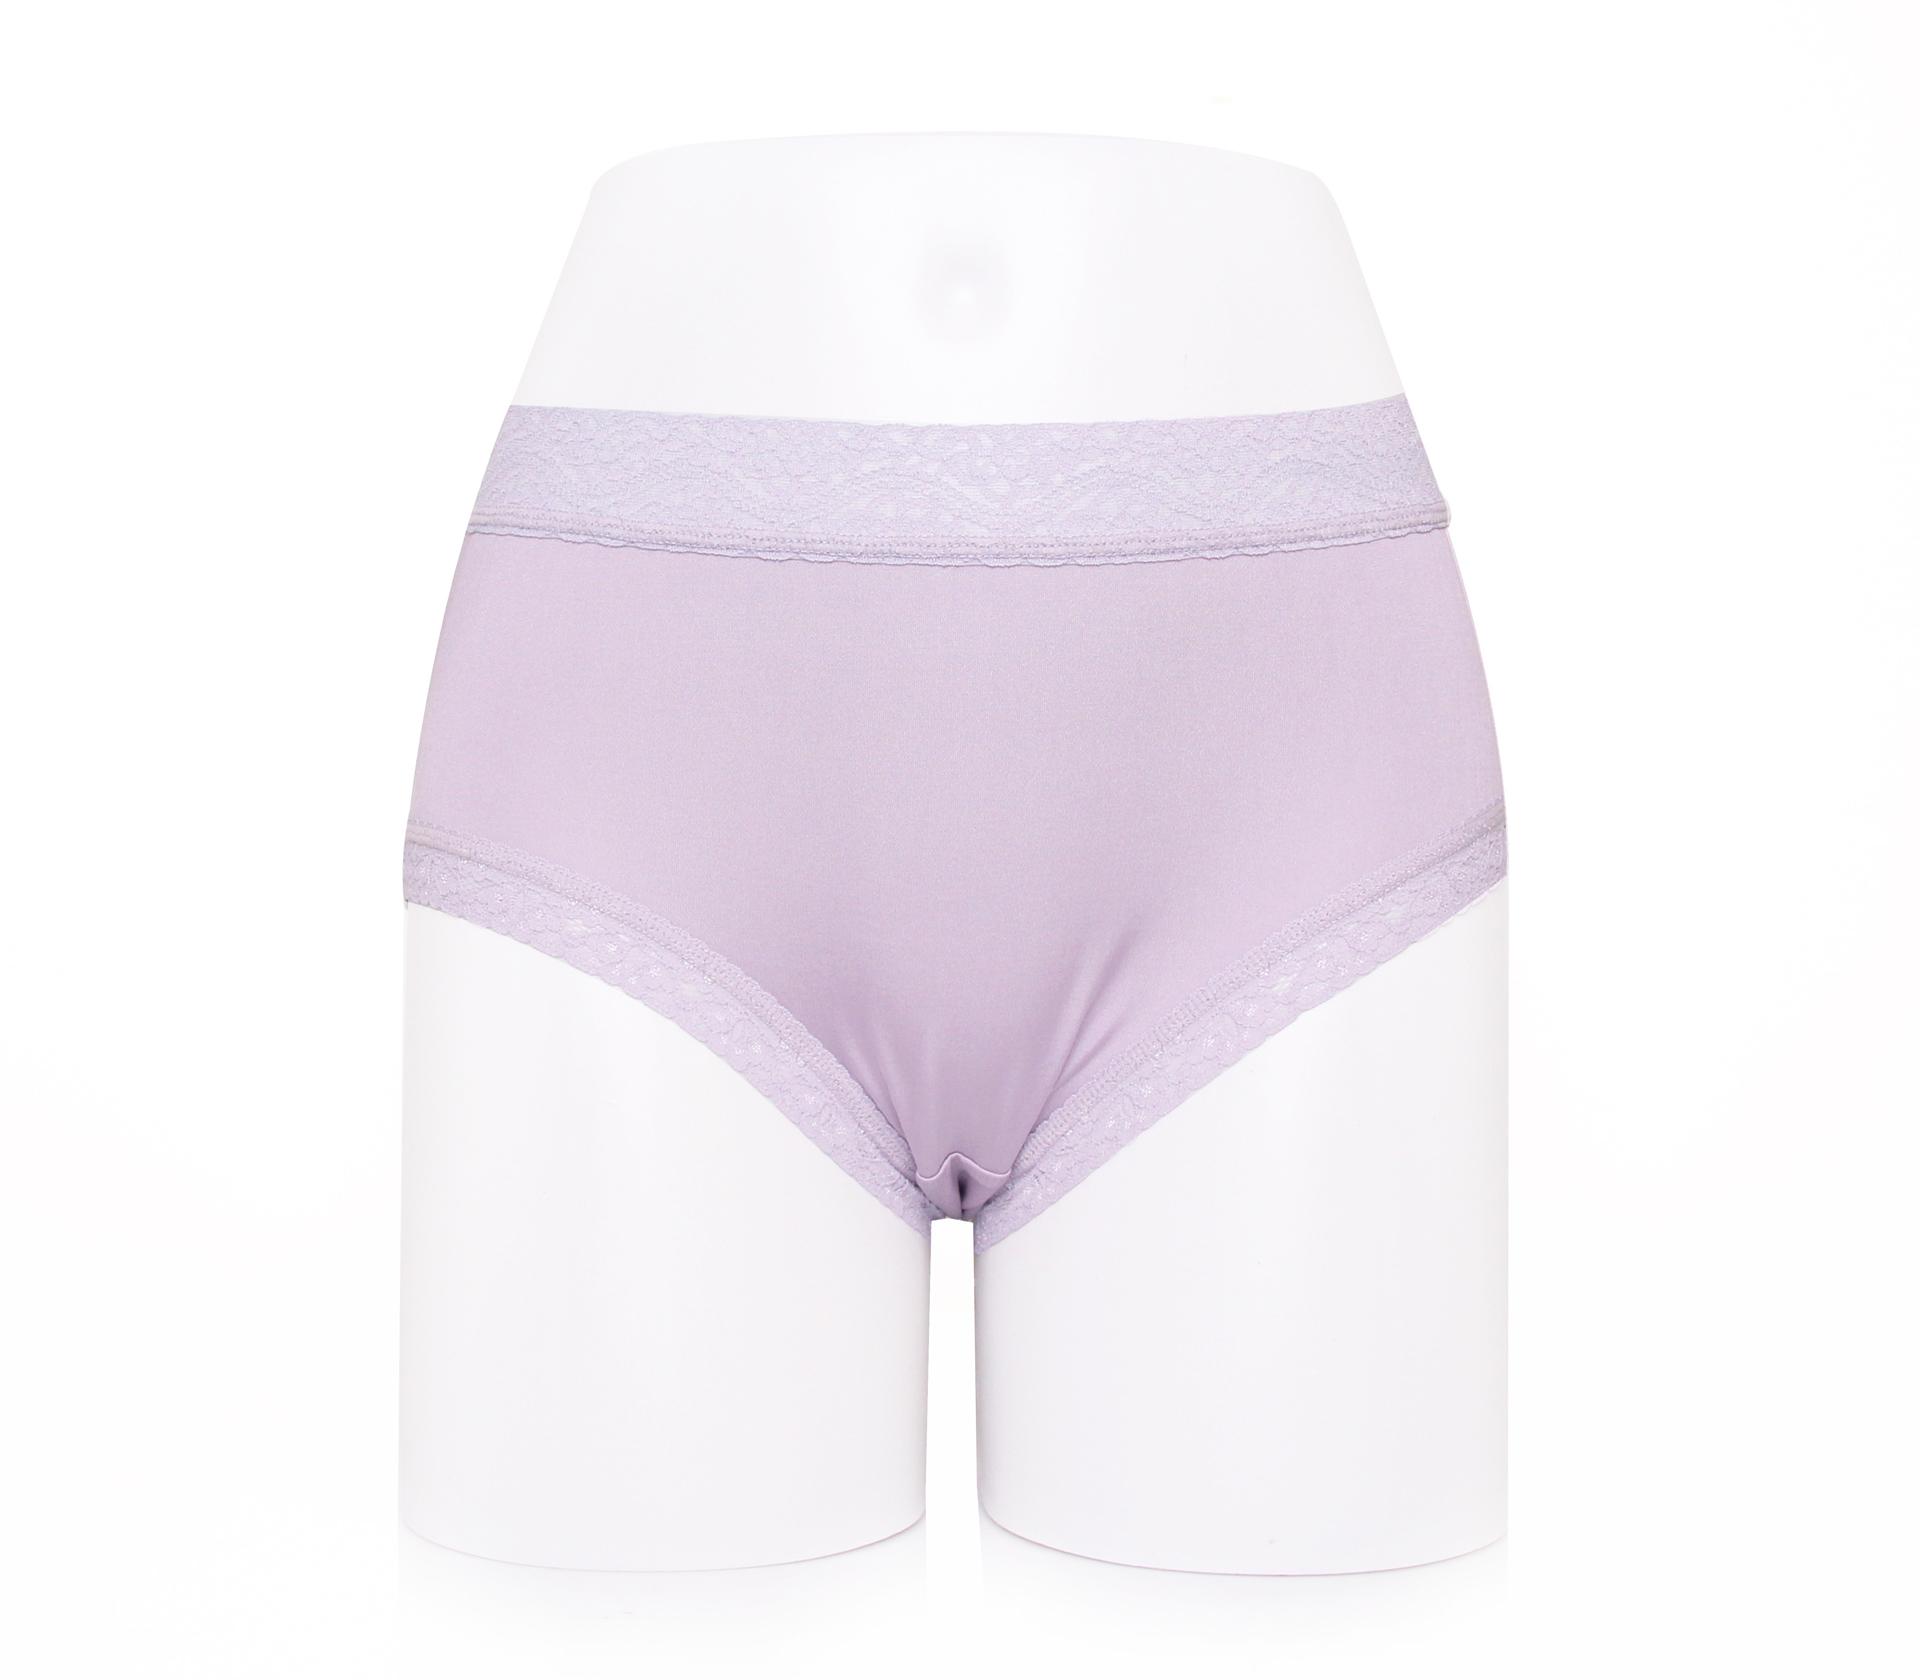 闕蘭絹典雅氣質40針100%蠶絲內褲-887902(紫)